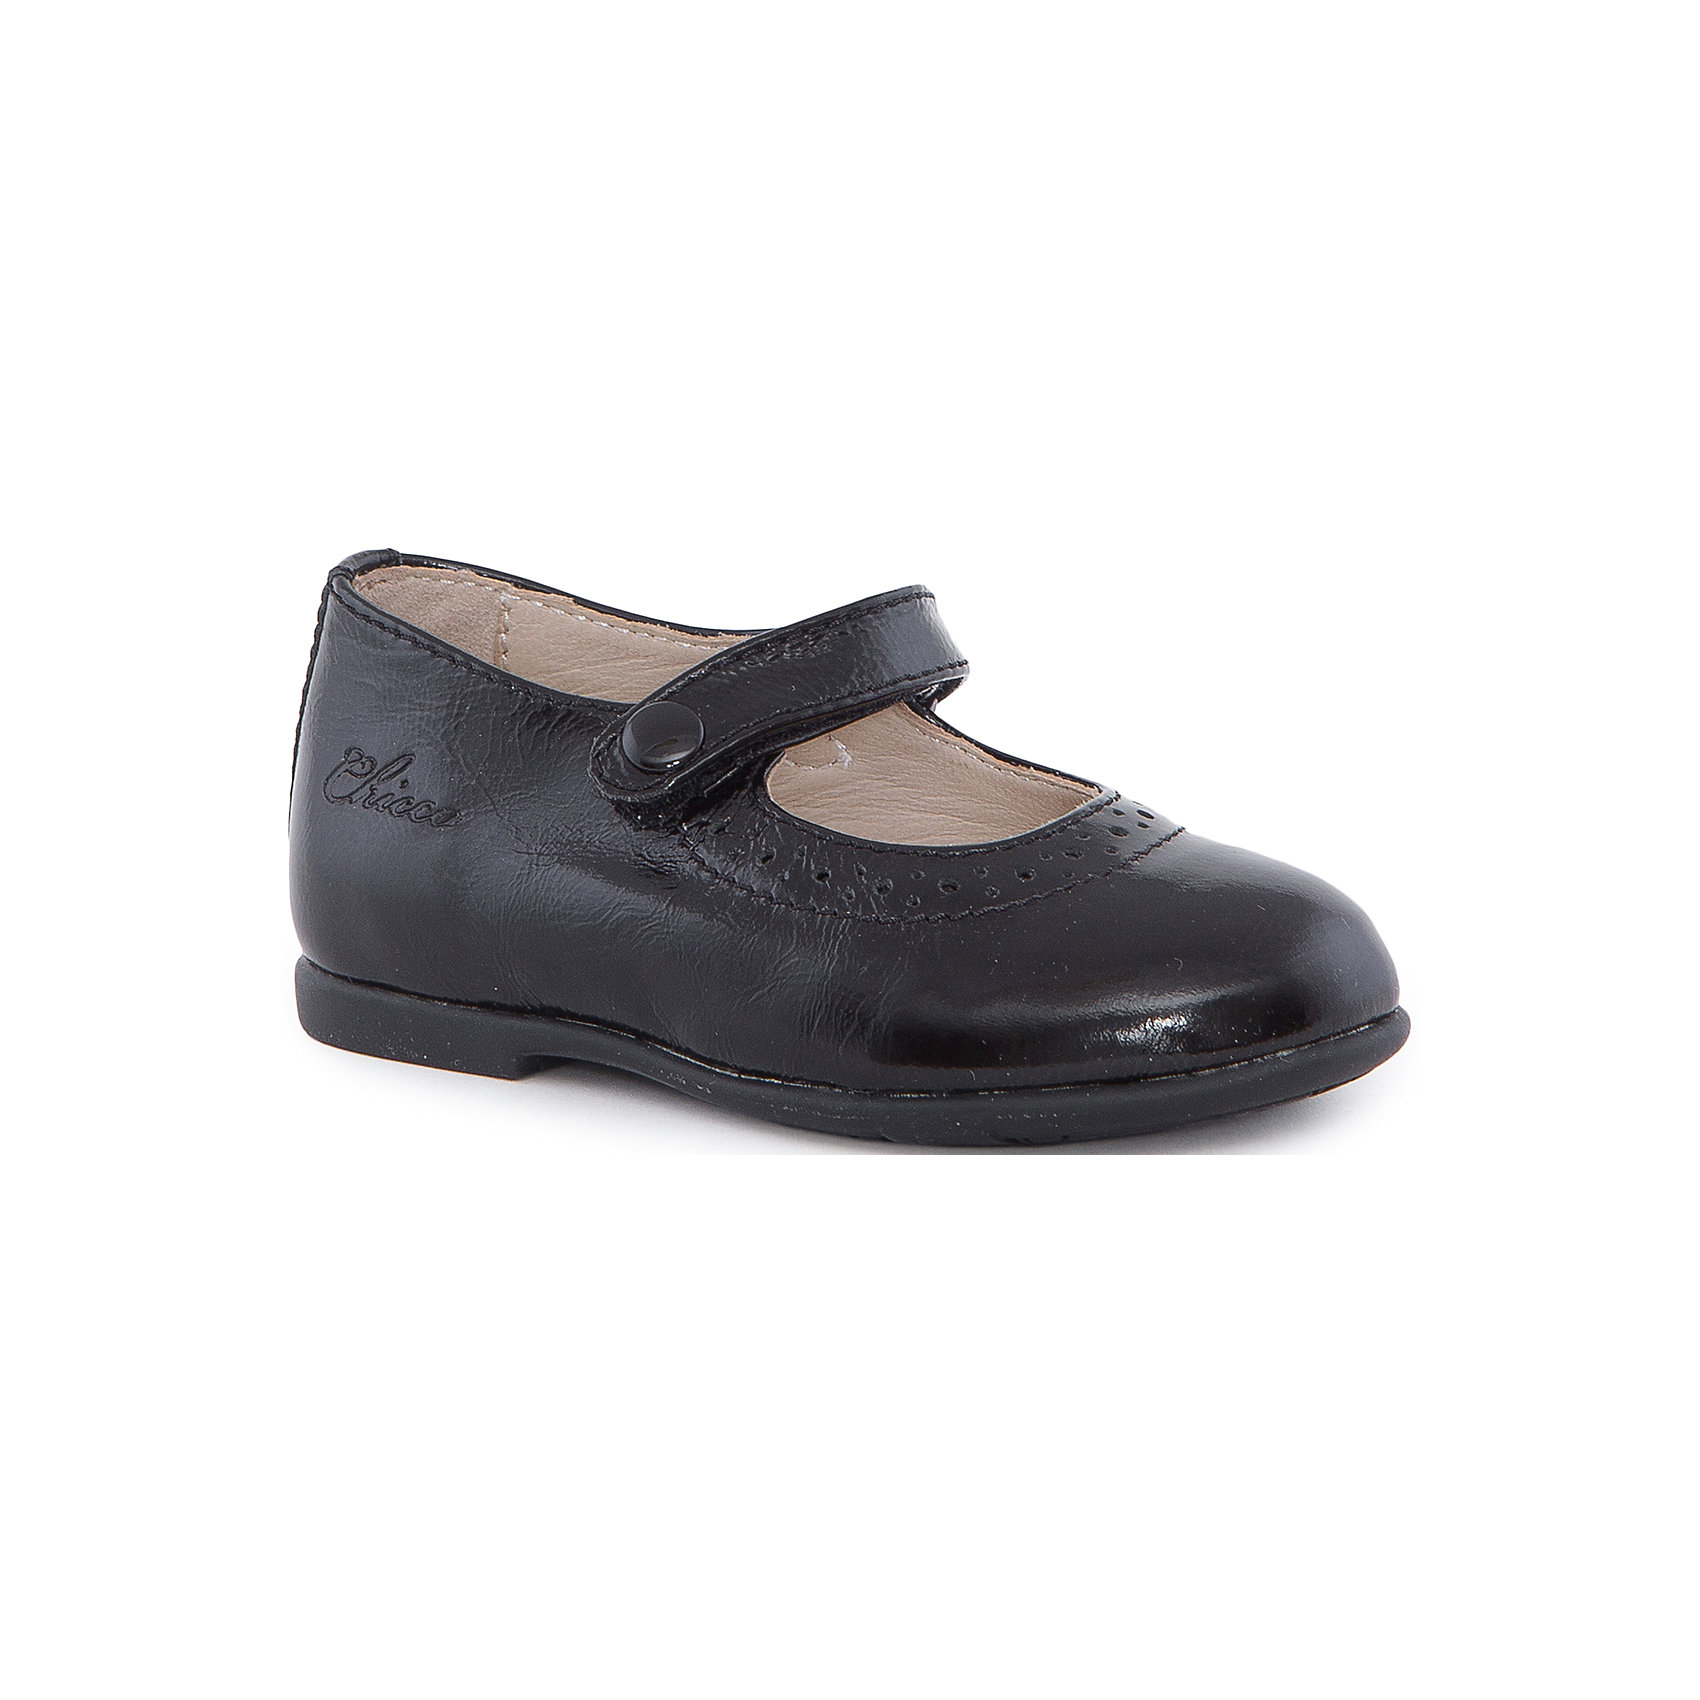 Туфли для девочки  CHICCOТуфли<br>Балетки для девочки CHICCO<br><br>Характеристики:<br><br>Тип застежки: на липучке<br>Тип обуви: школьные, на каждый день<br>Особенности обуви: маленький каблучок<br>Декоративные элементы: пуговица на застежке, имитация<br>Цвет: черный<br><br>Внешний материал: 100% кожа<br>Внутренний материал: 100% кожа<br><br>Балетки для девочки CHICCO можно купить в нашем интернет-магазине.<br><br>Ширина мм: 227<br>Глубина мм: 145<br>Высота мм: 124<br>Вес г: 325<br>Цвет: черный<br>Возраст от месяцев: 15<br>Возраст до месяцев: 18<br>Пол: Женский<br>Возраст: Детский<br>Размер: 22,34,29,30,23,24,25,26,27,31,28,32,33<br>SKU: 5082779